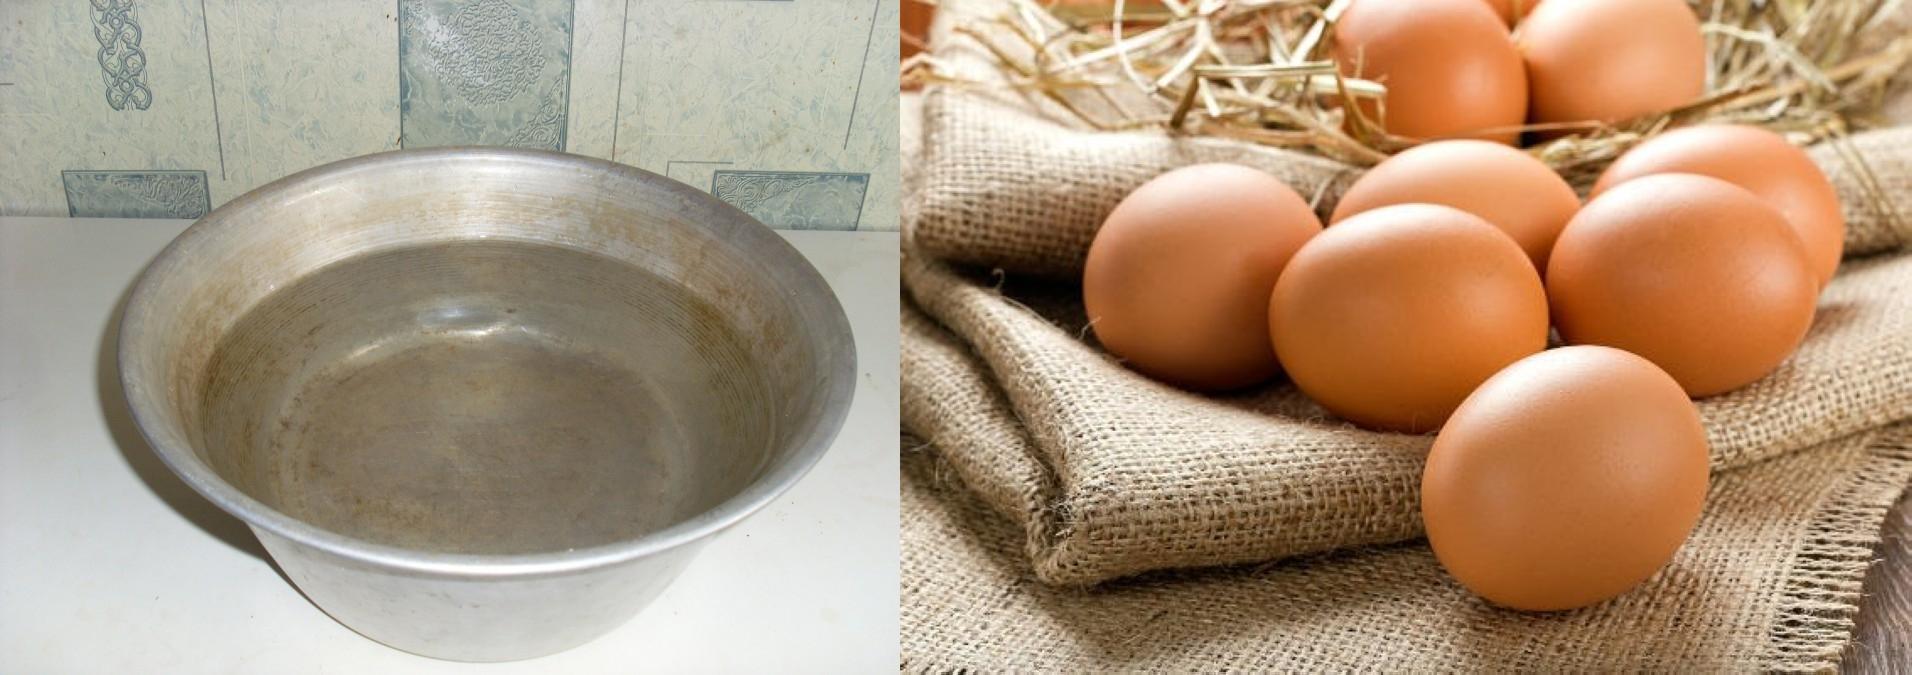 Заговор чтобы куры несли яйца